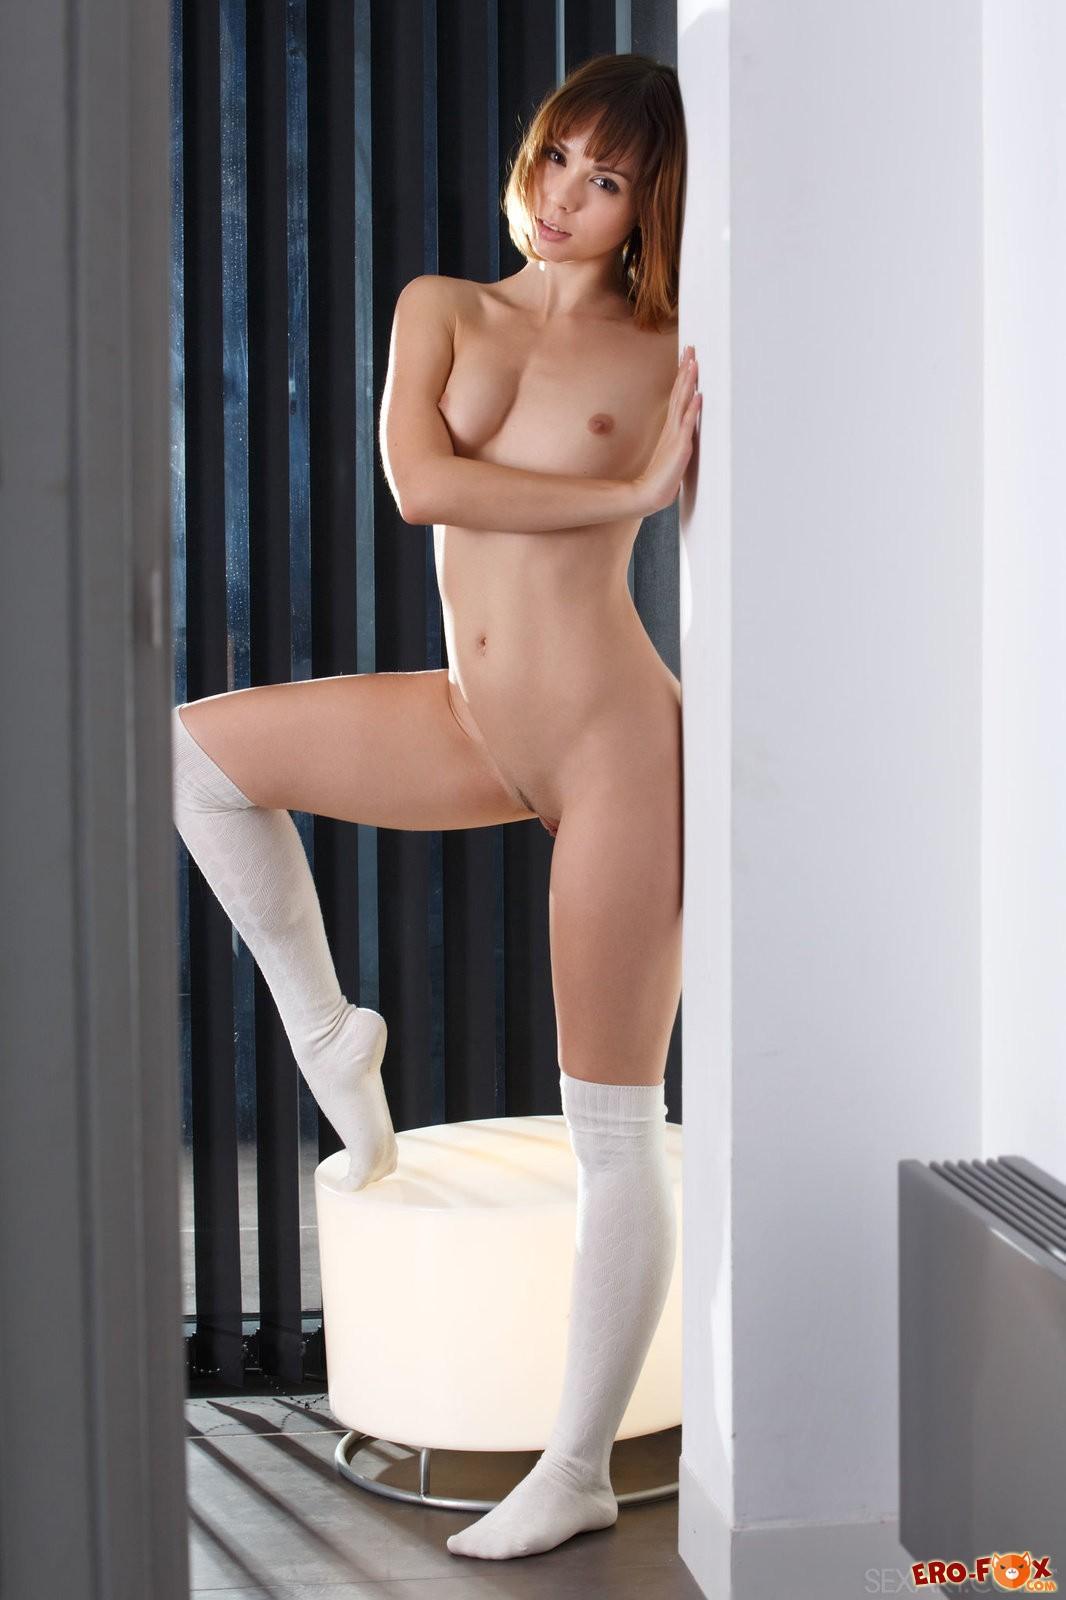 Девушка с красивыми булками  голых девушек.